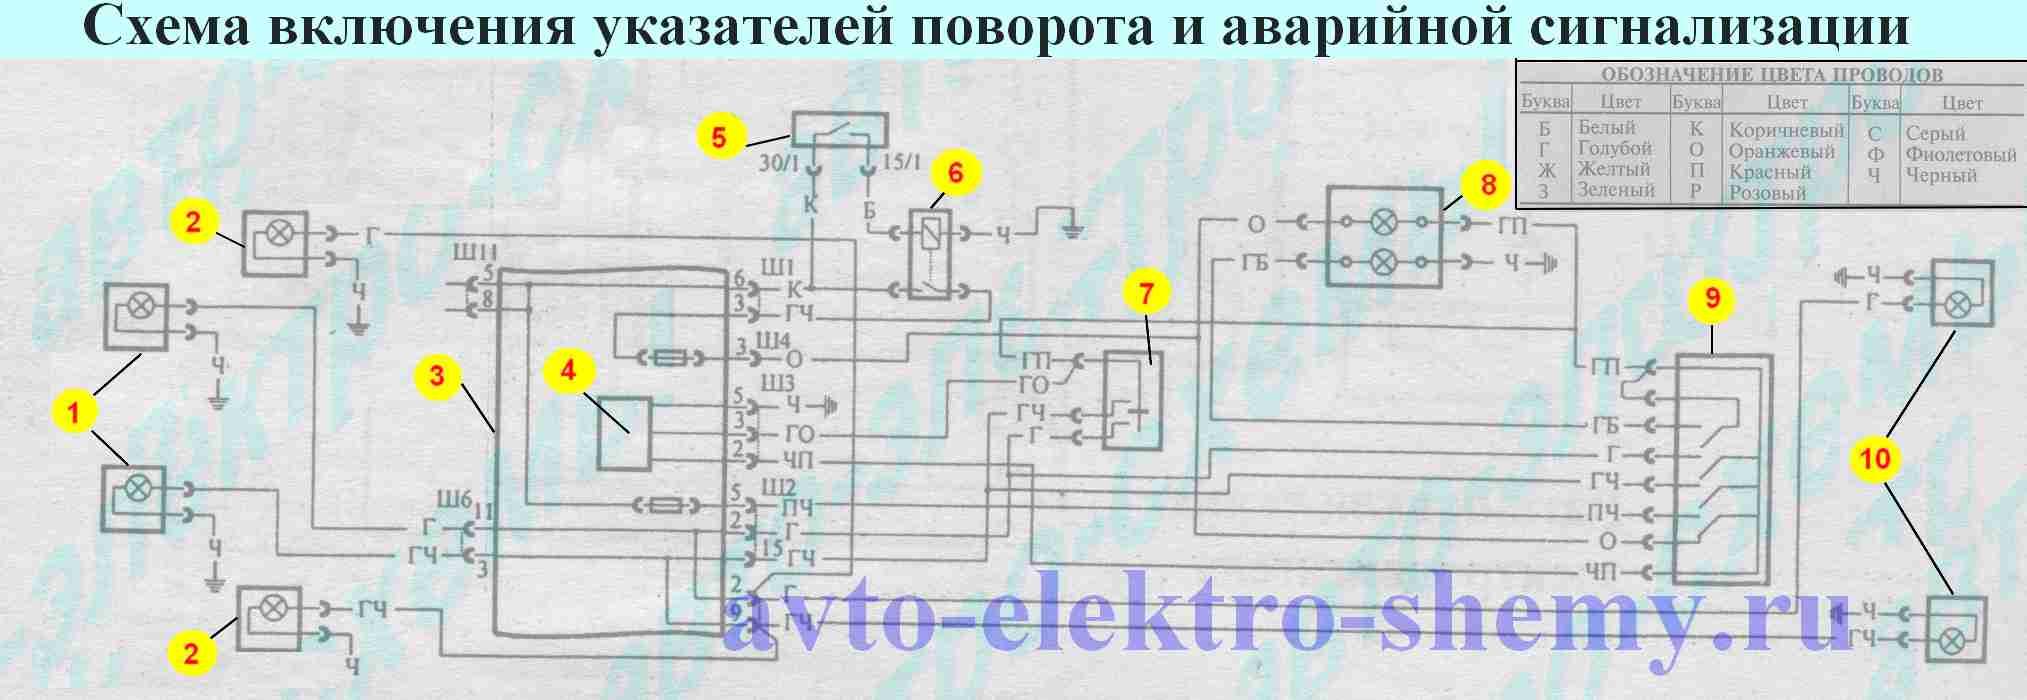 эл.схема аварийной сигнализации зил131